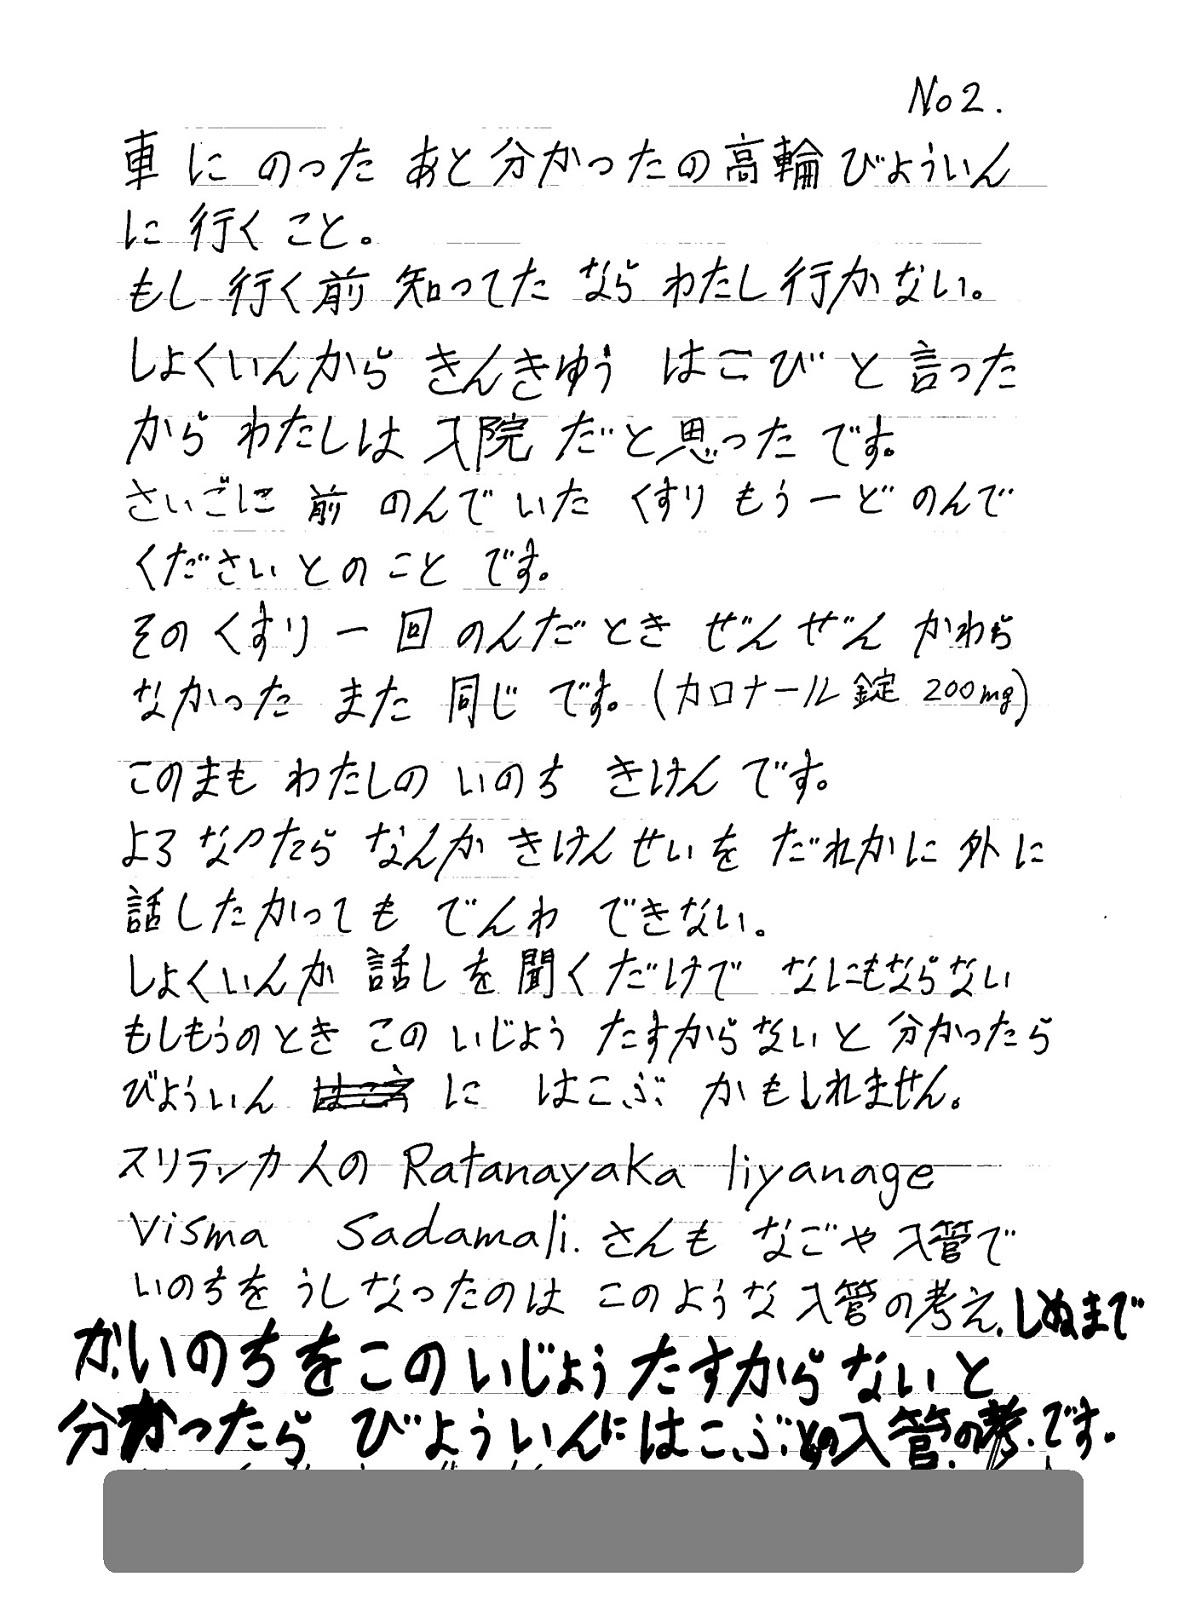 東京入管コロナ感染者の続報 40度の発熱でも放置、通院時には手錠 _e0188516_08170544.jpg